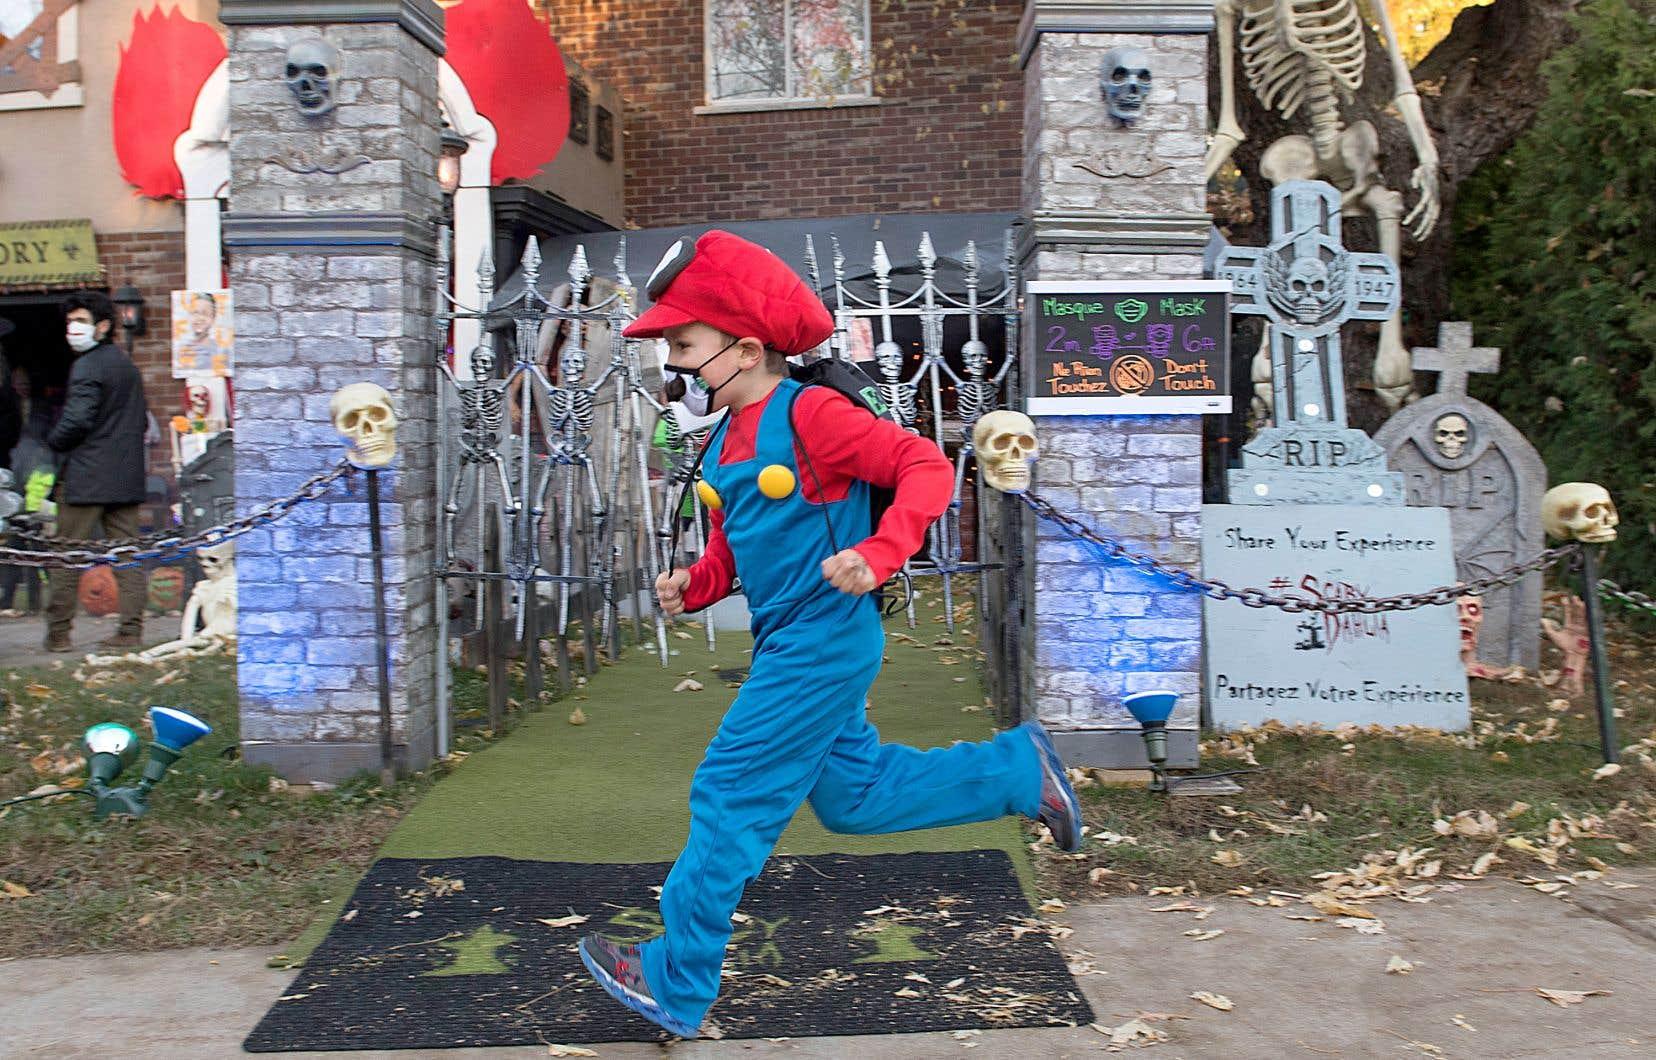 À Montréal, aucune éclosion liée à un événement de l'Halloween n'a été recensée, indique la Direction régionale de santé publique. Une augmentation significative des cas chez les 5 à 12 ans a toutefois été notée depuis le 1er novembre.